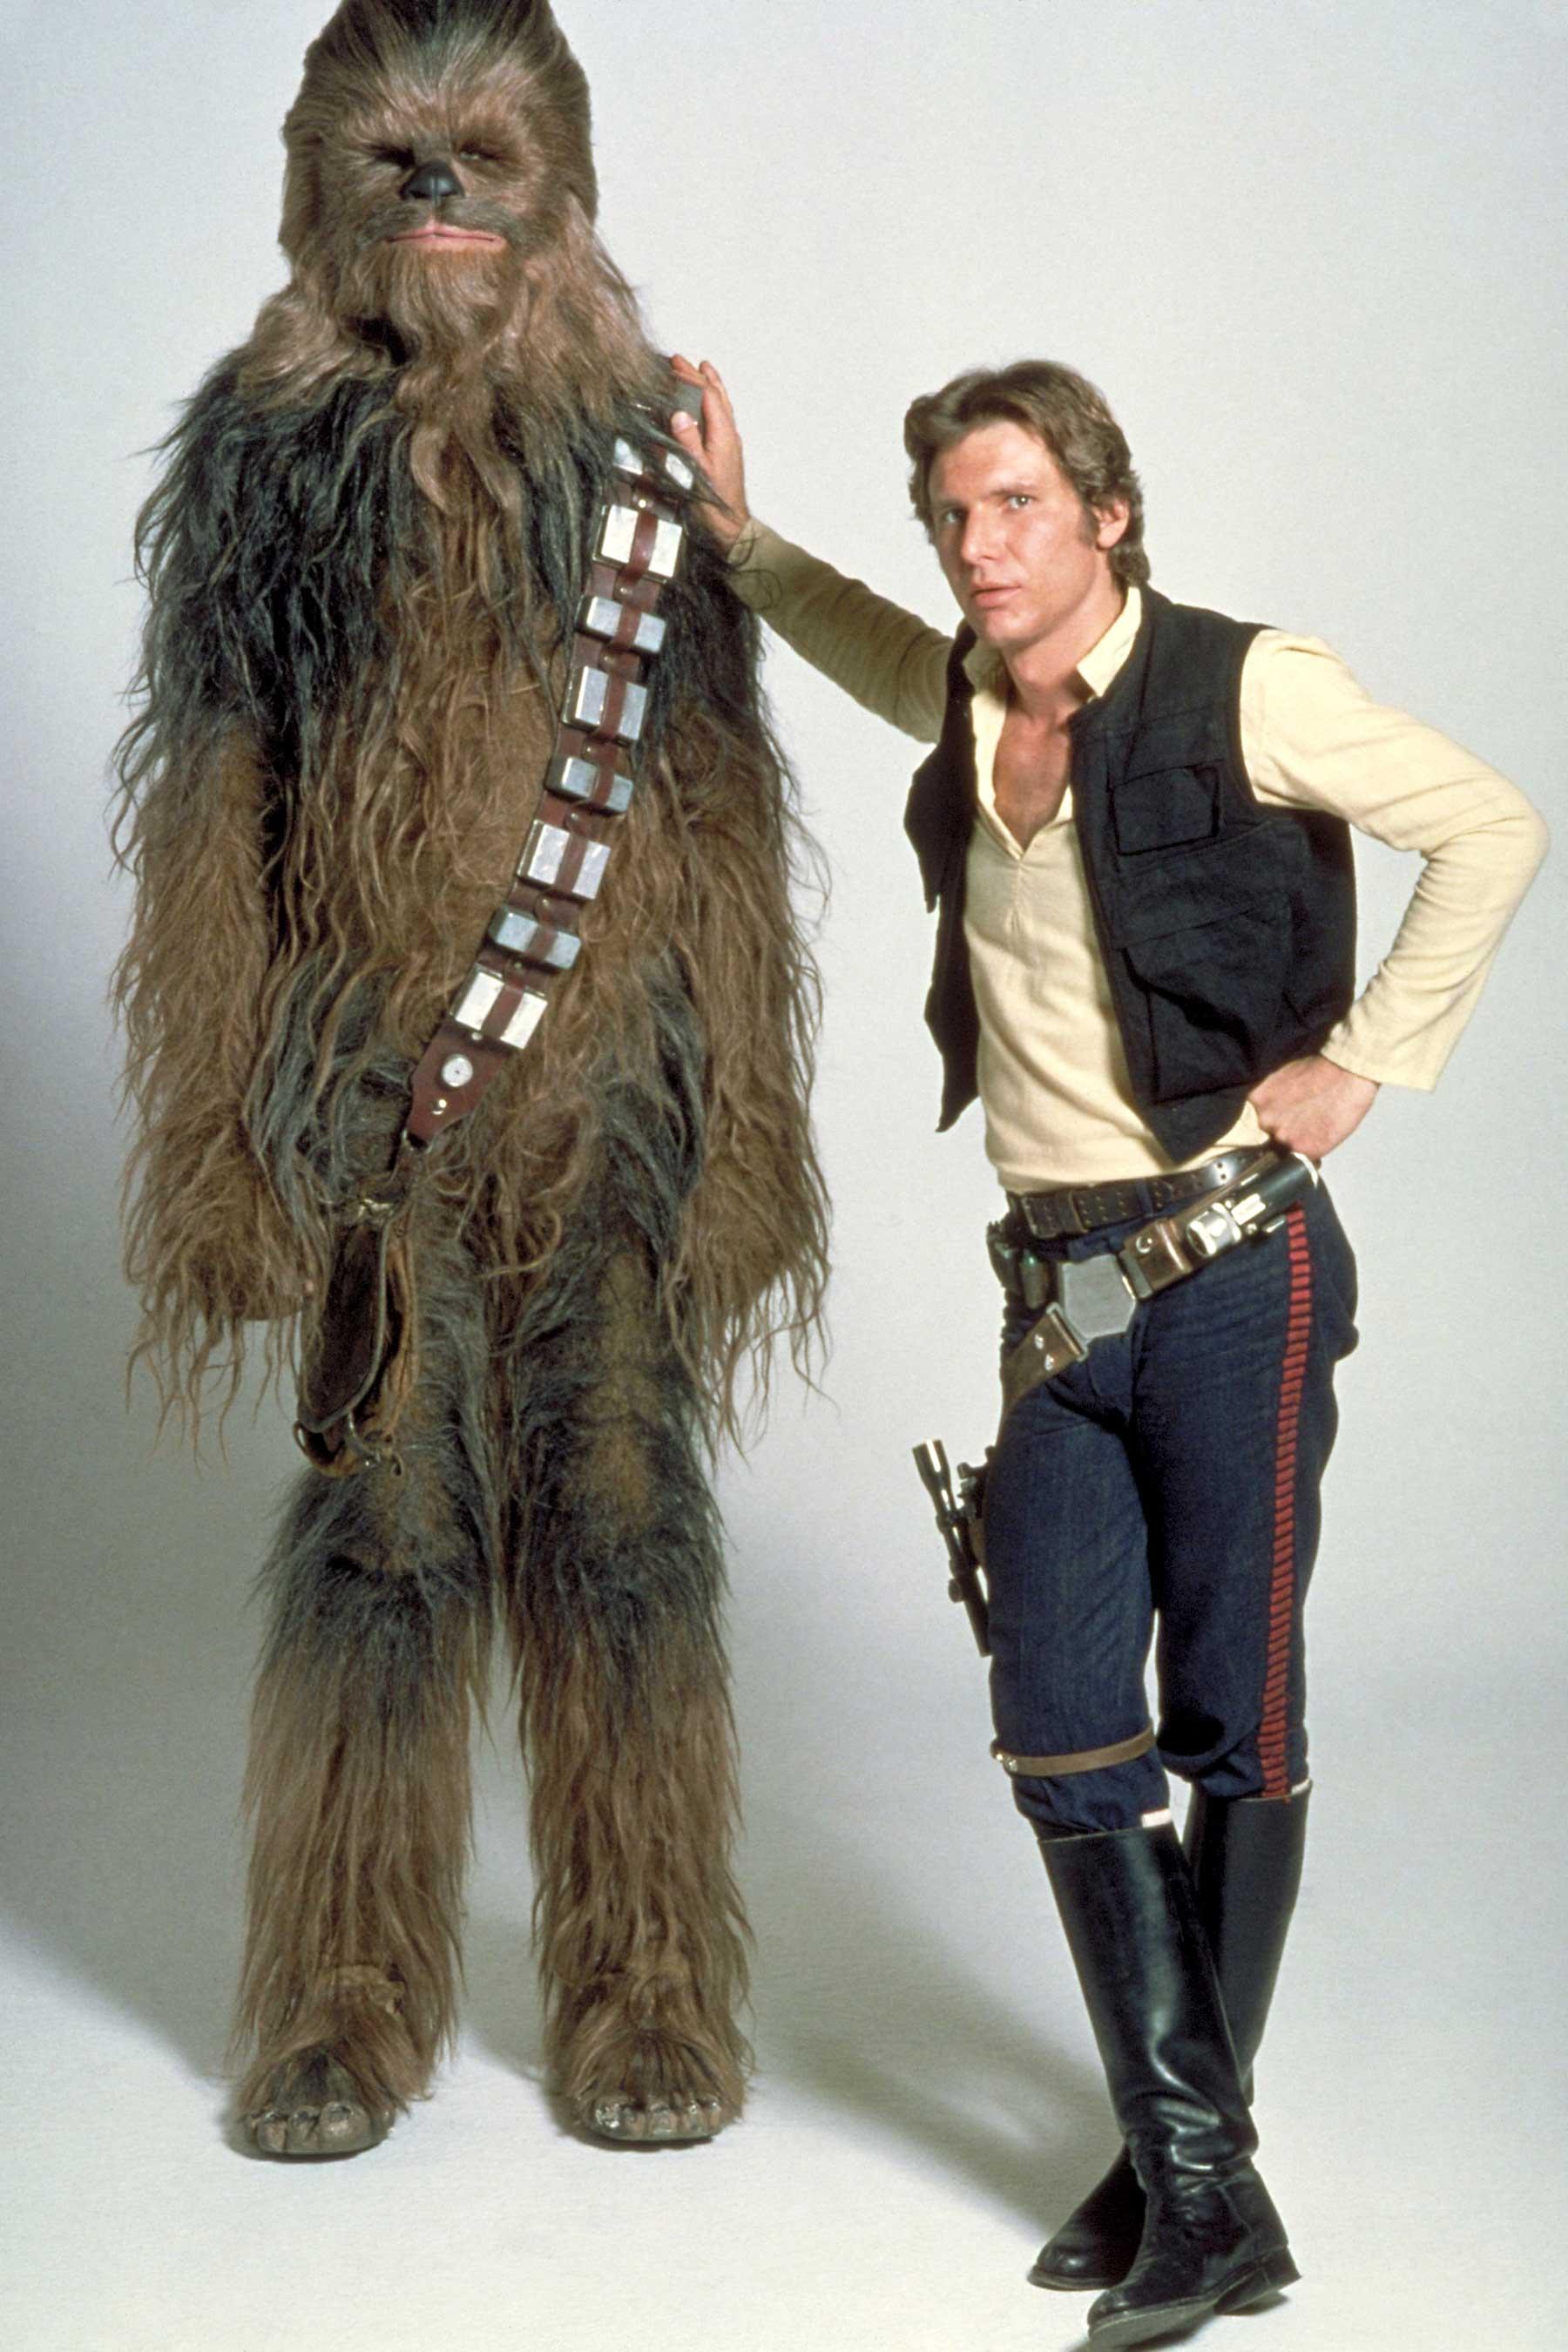 Pemeran Chewbacca dalam Film Star Wars Meninggal Dunia